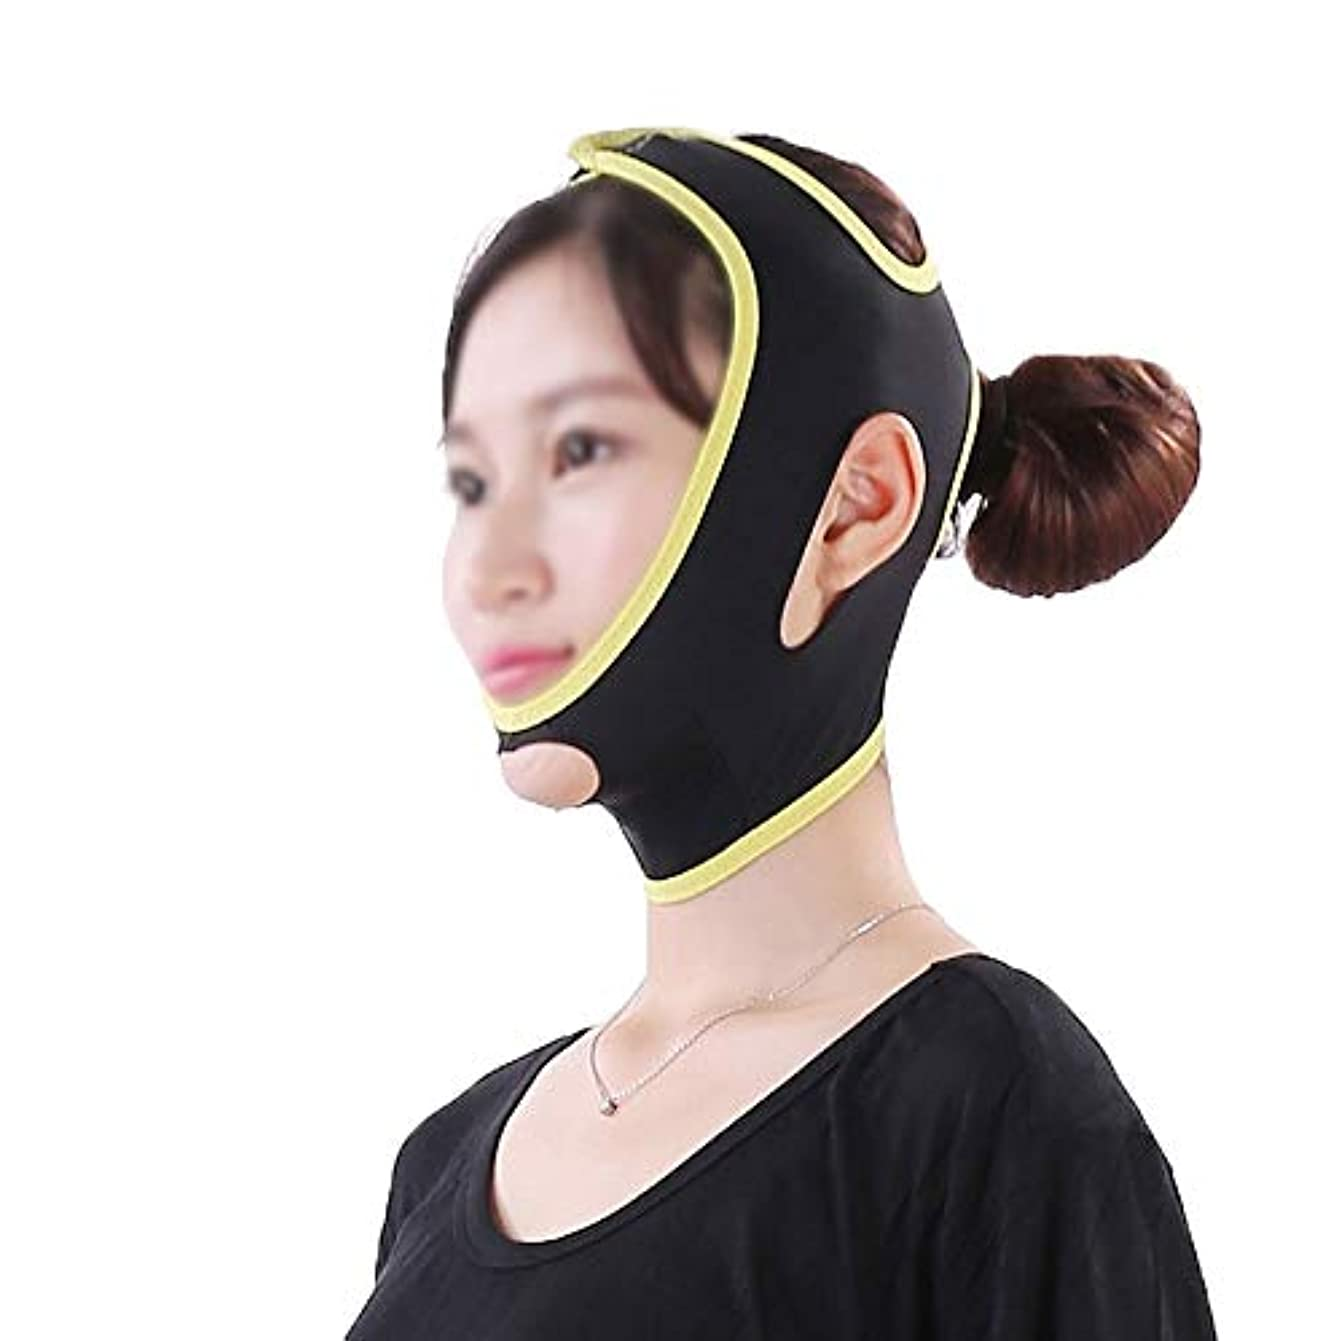 プロトタイプガウン回復TLMY フェイス&ネックリフトシンフェイスマスクパワフルマスクフェイスリフトアーチファクトフェイスリフトフェイスツールシンフェイス包帯シンフェイスマスク美容マスク 顔用整形マスク (Size : L)